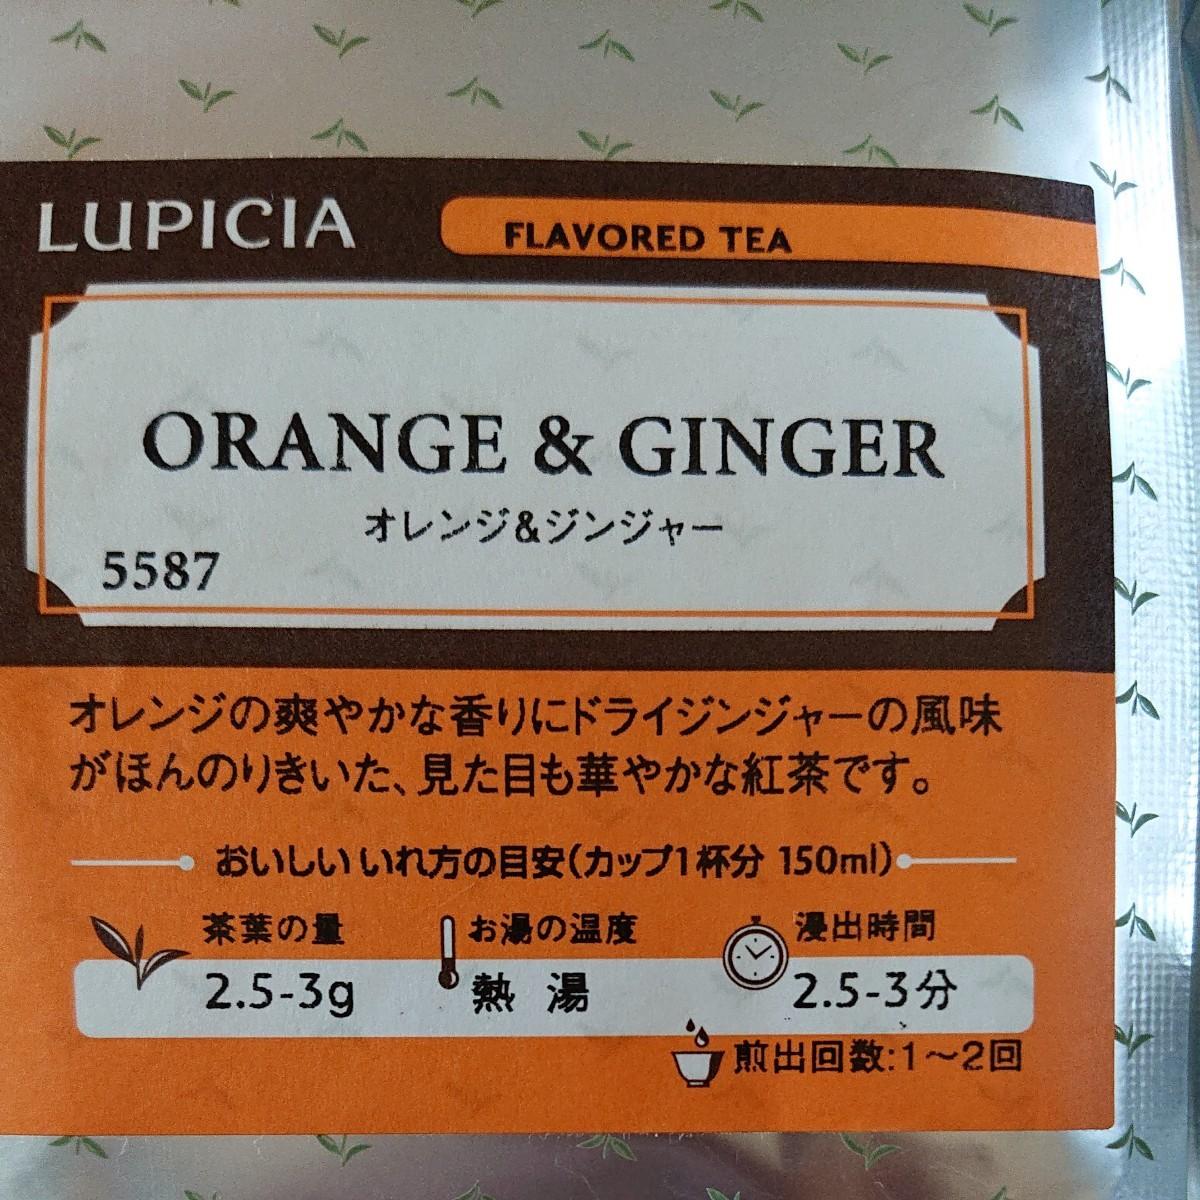 ルピシア LUPICIA ダルマ オレンジ&ジンジャー スウィートドリームス! エトワールロゼ リーフティー